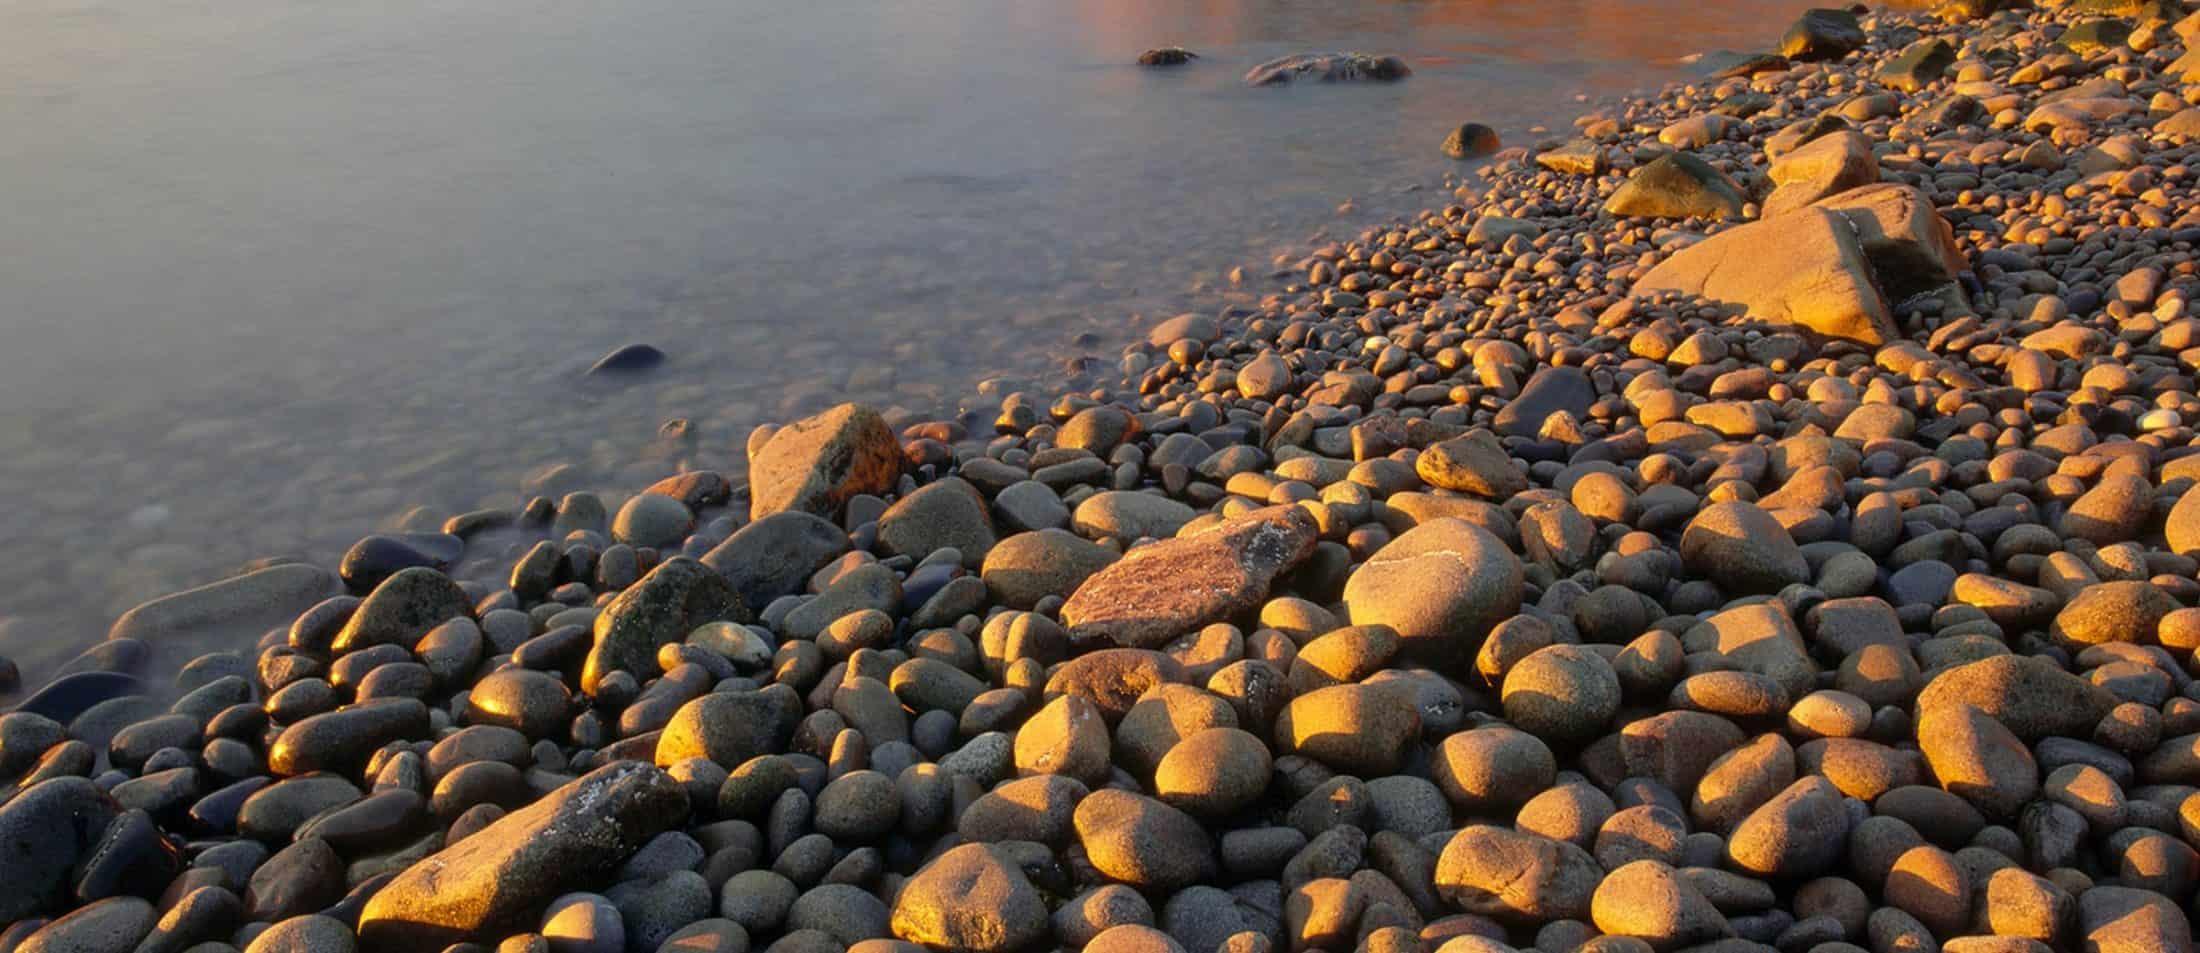 mcht-sunriseeastcovelongislandfrenchboromaine-2000-saragray-2400x1040.jpg